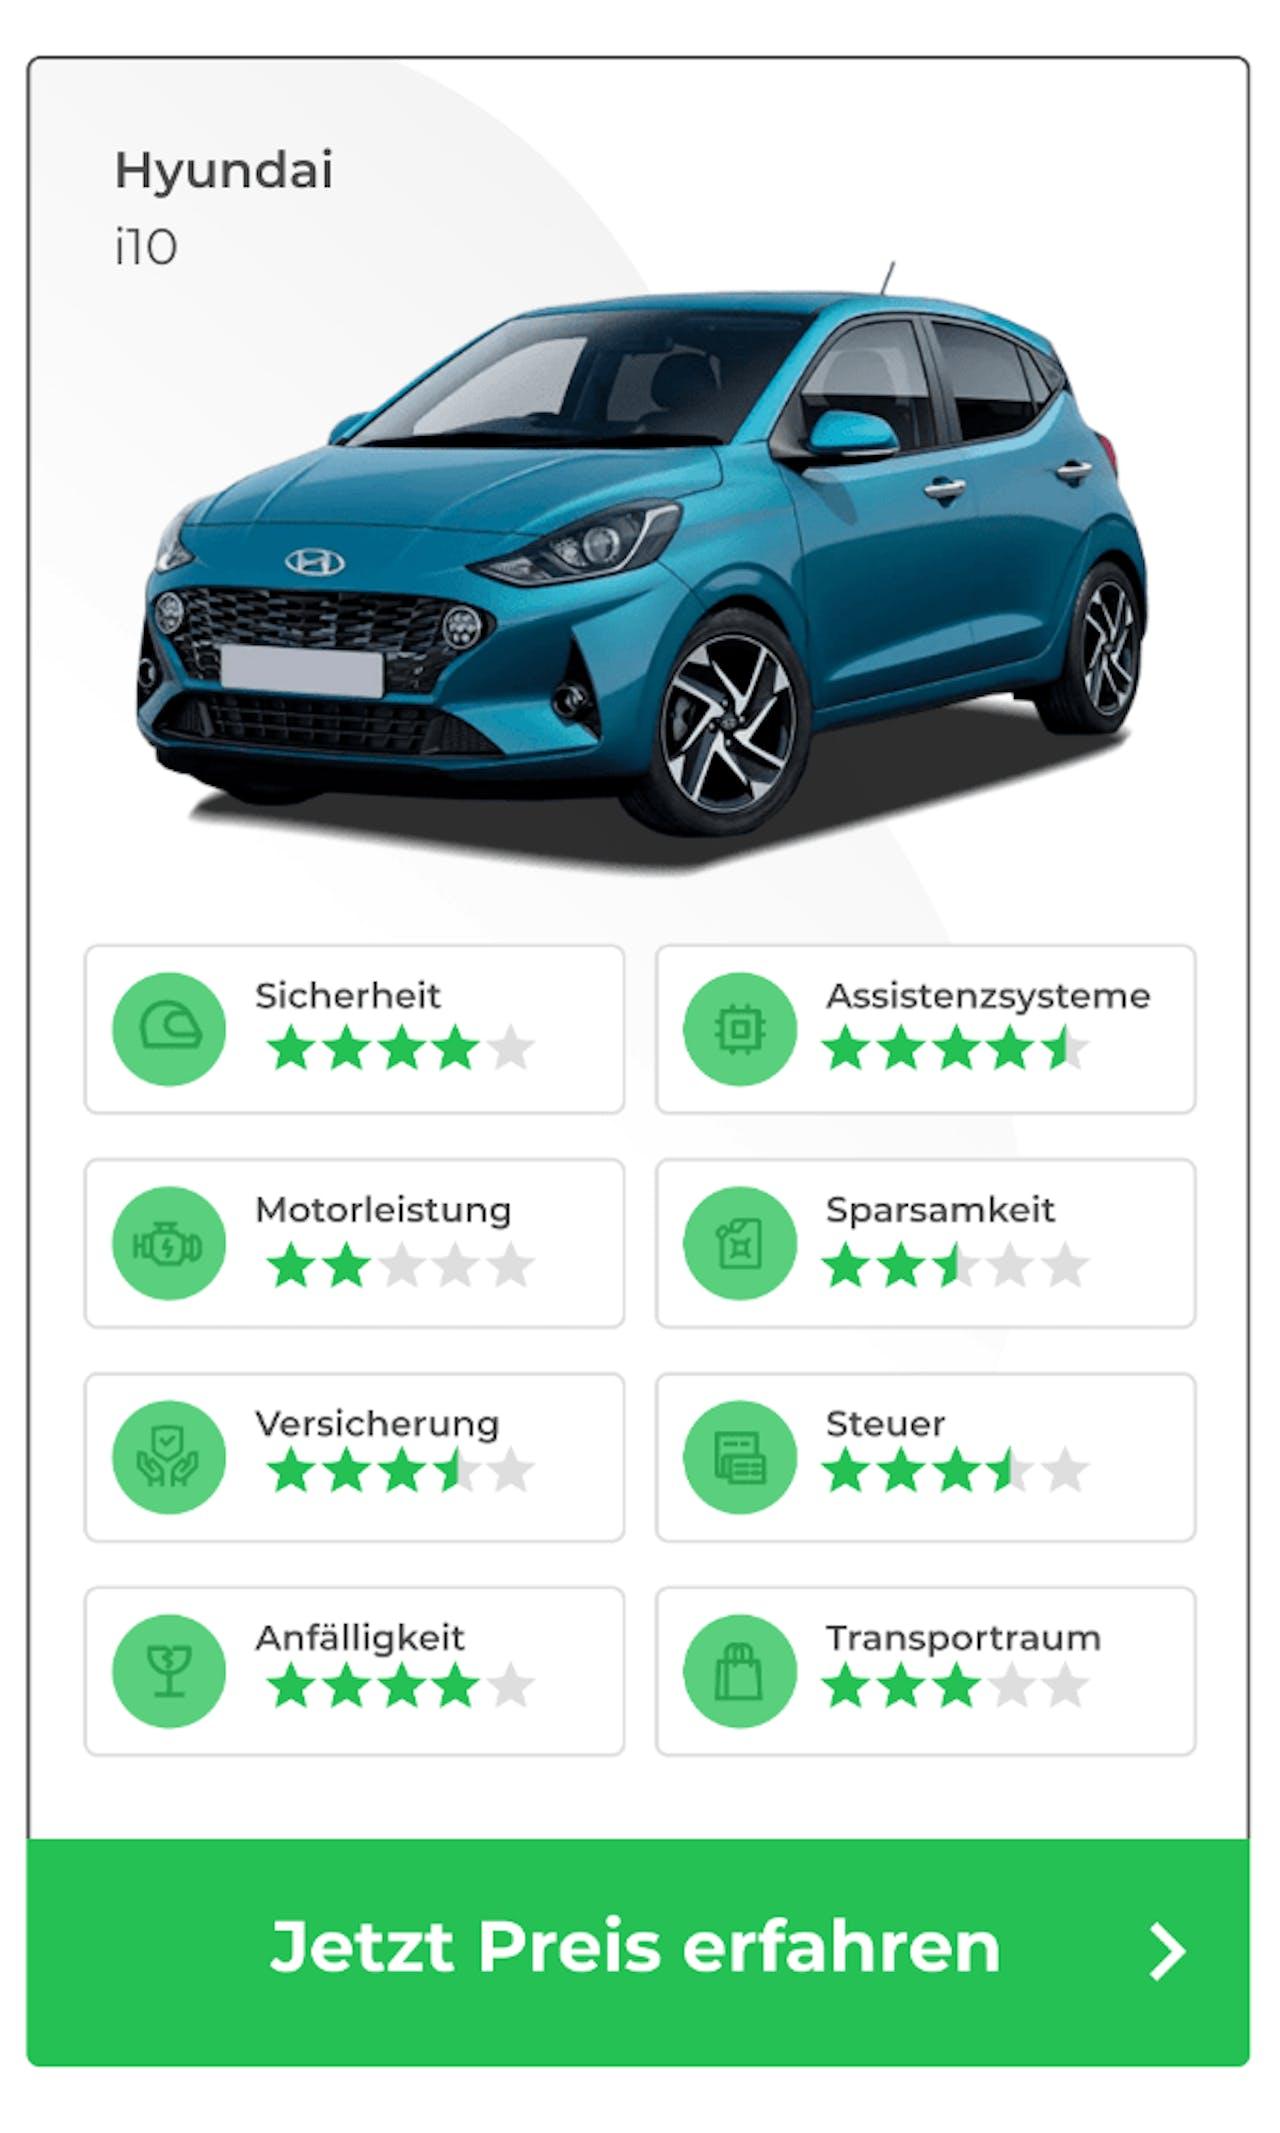 VEHICULUM Vergleich der besten Anfängerautos: Der Hyundai i10 mit durchschnittlichen Testergebnissen